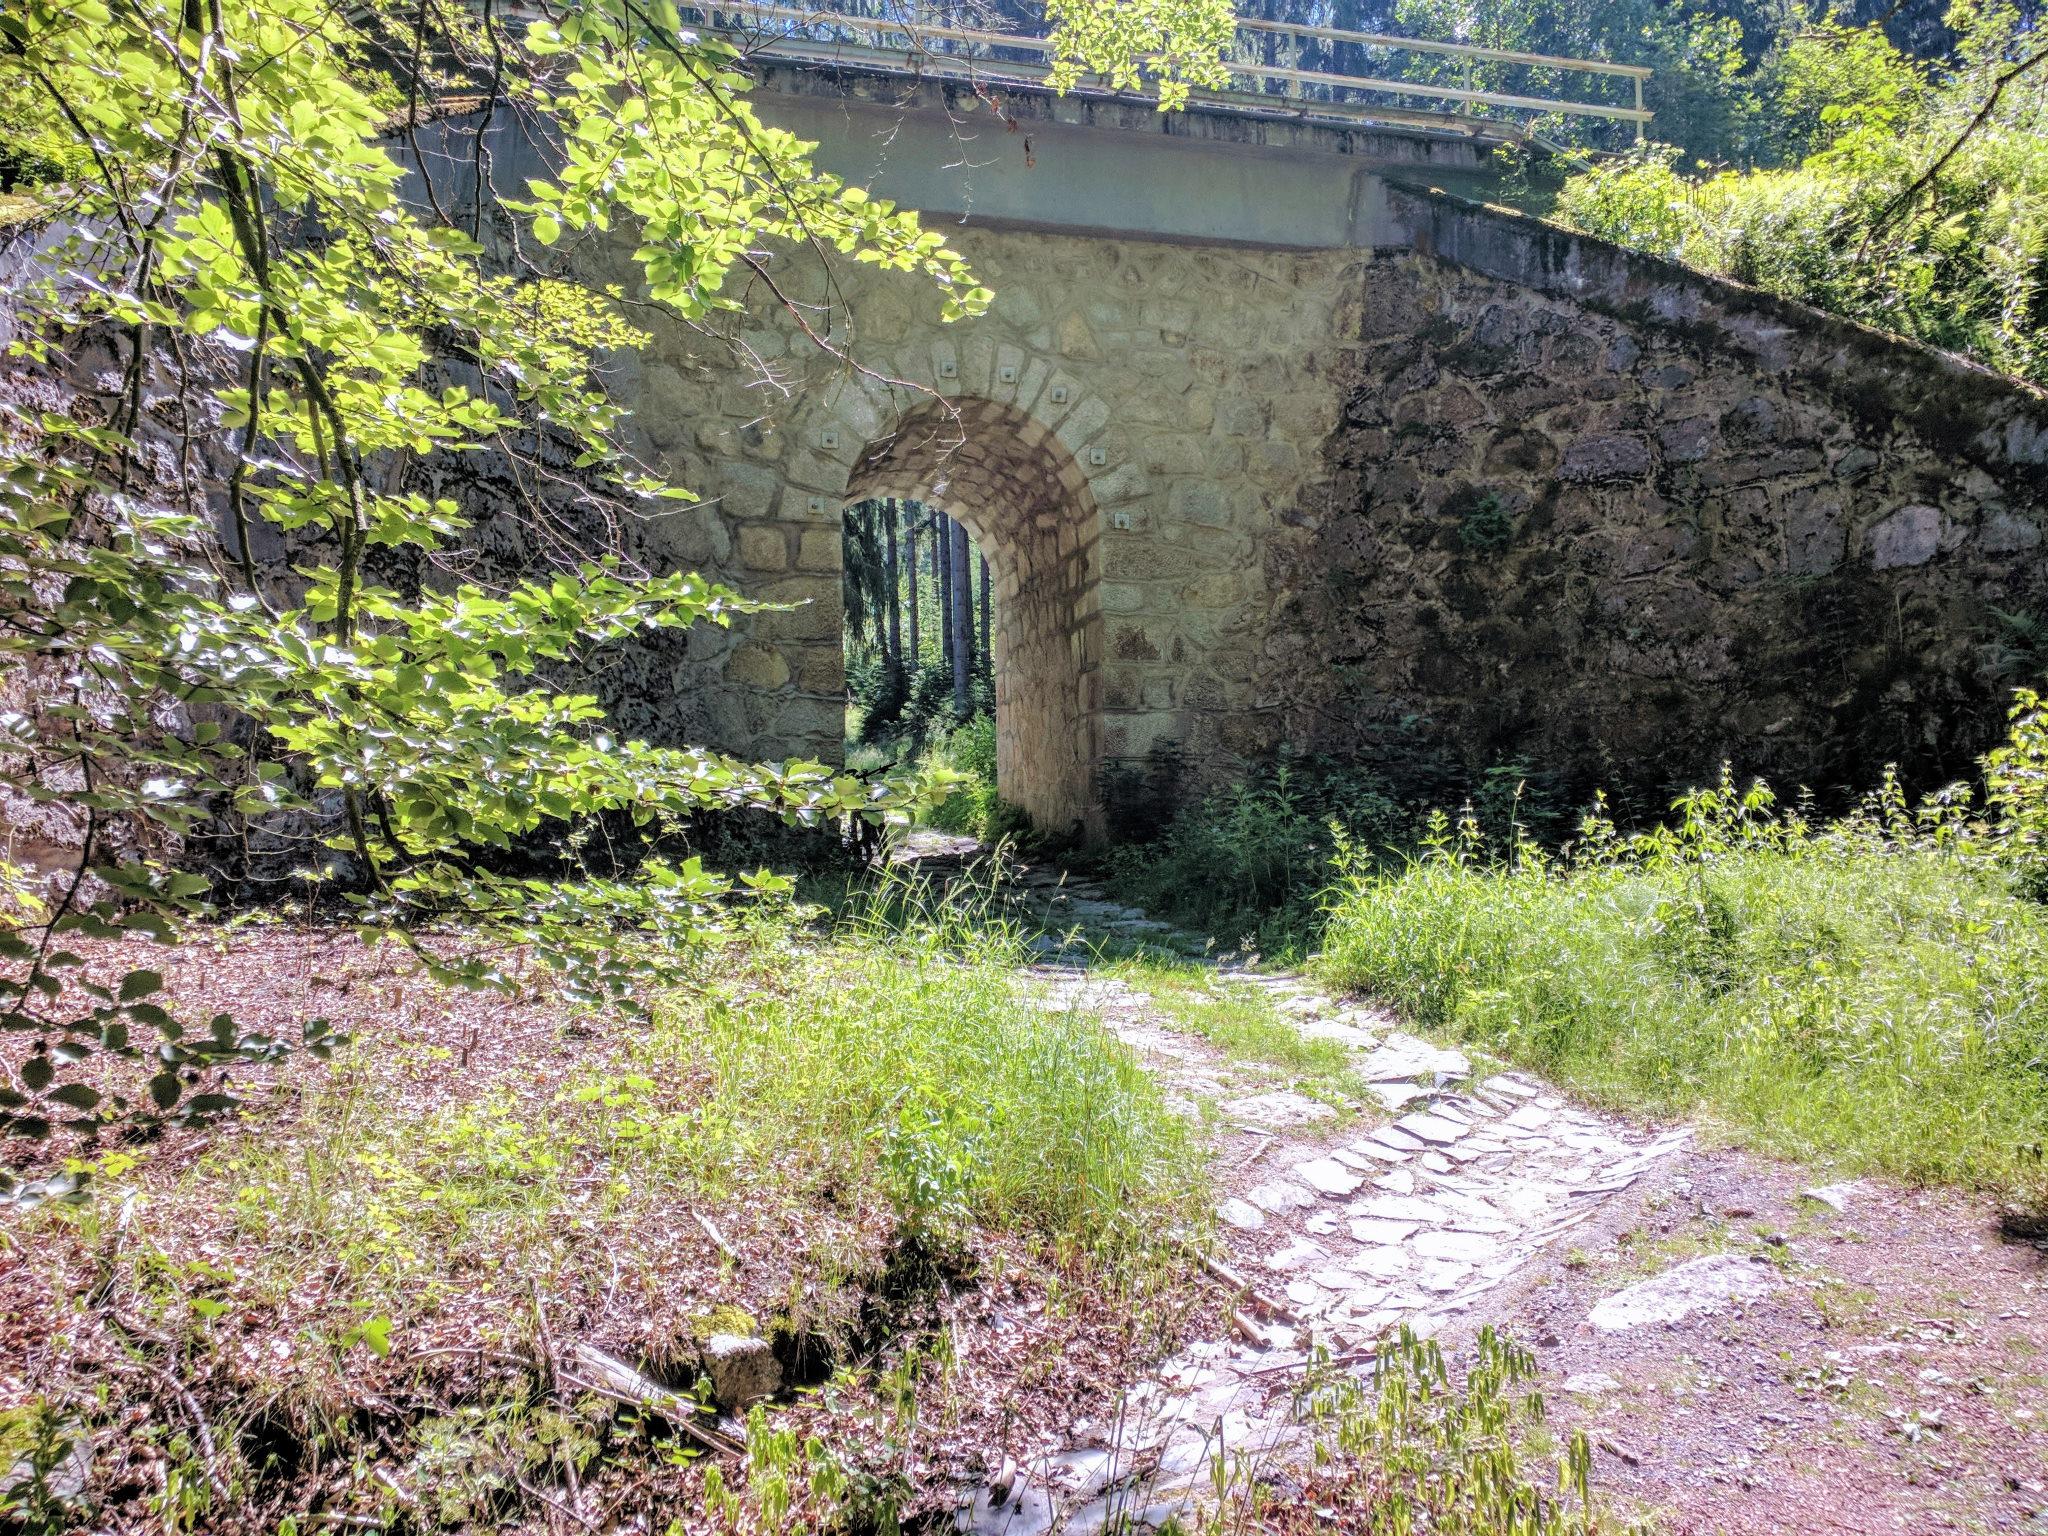 Unterfühung unter der Eisenbahnstrecke Furth im Wald - Domazlice